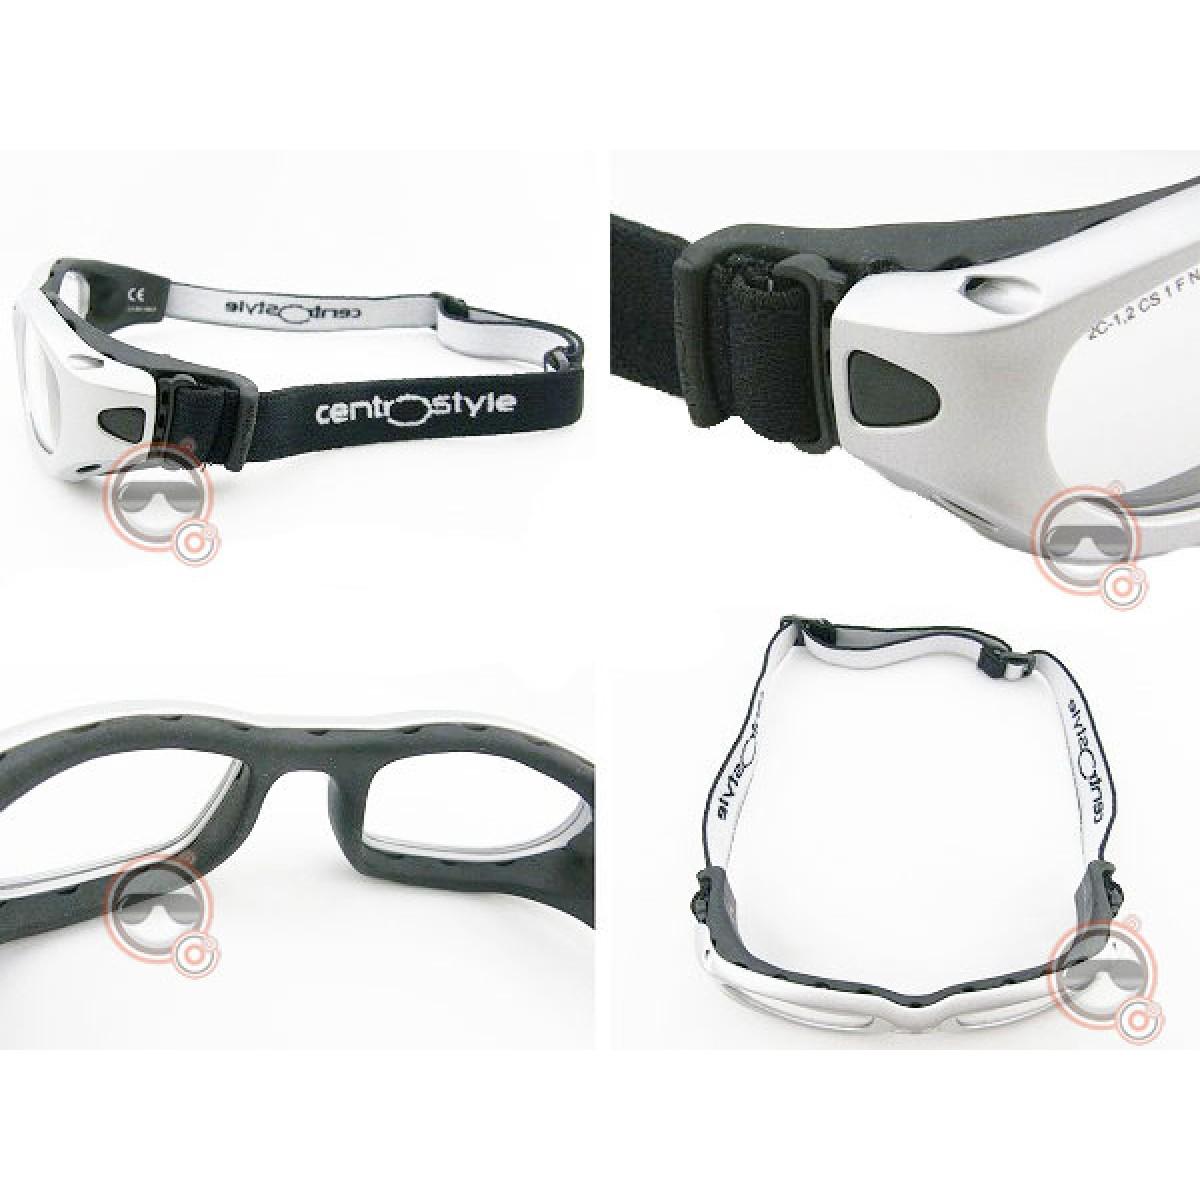 oculos para jogar futebol - Esporte Visão 48489ea128